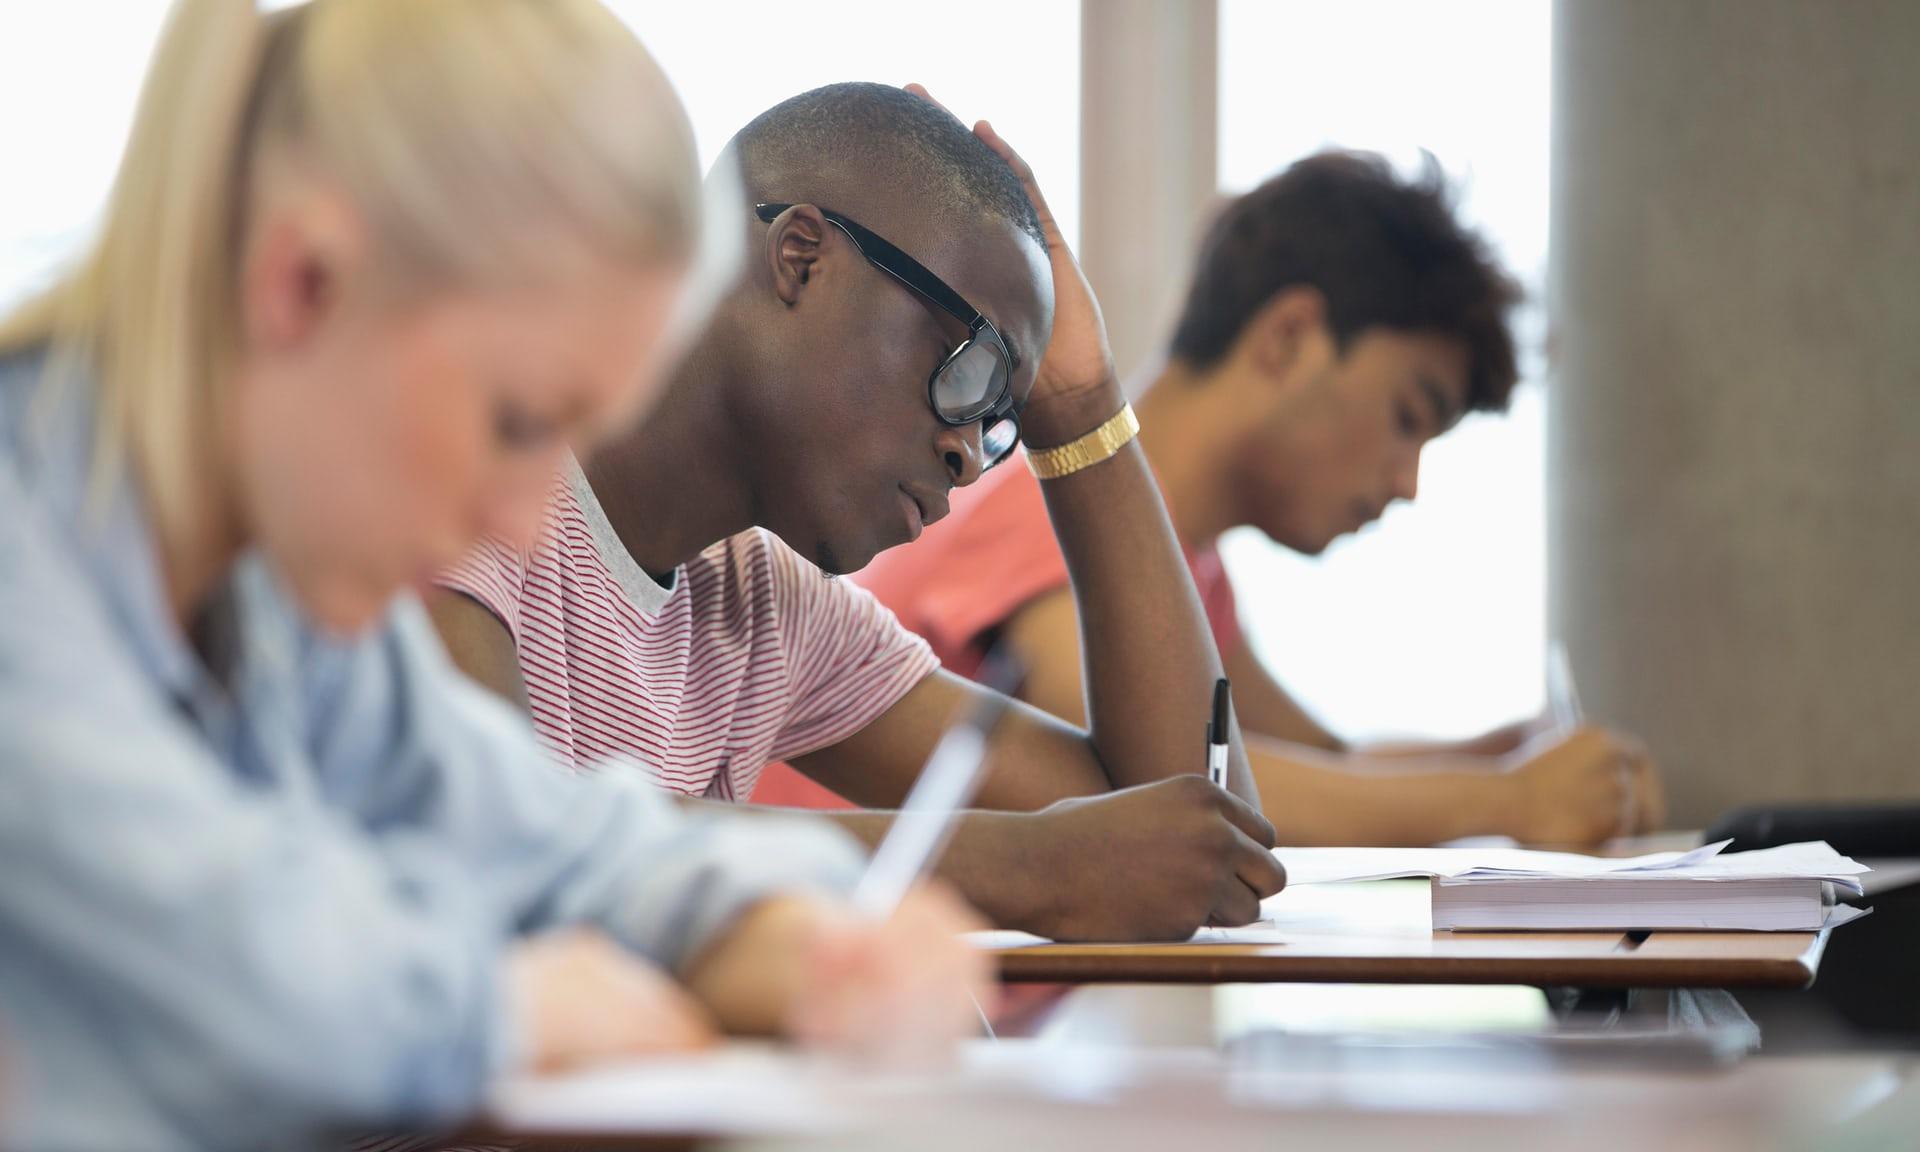 英国大学辍学率连续三年上升 高昂学费及扩招或为主因